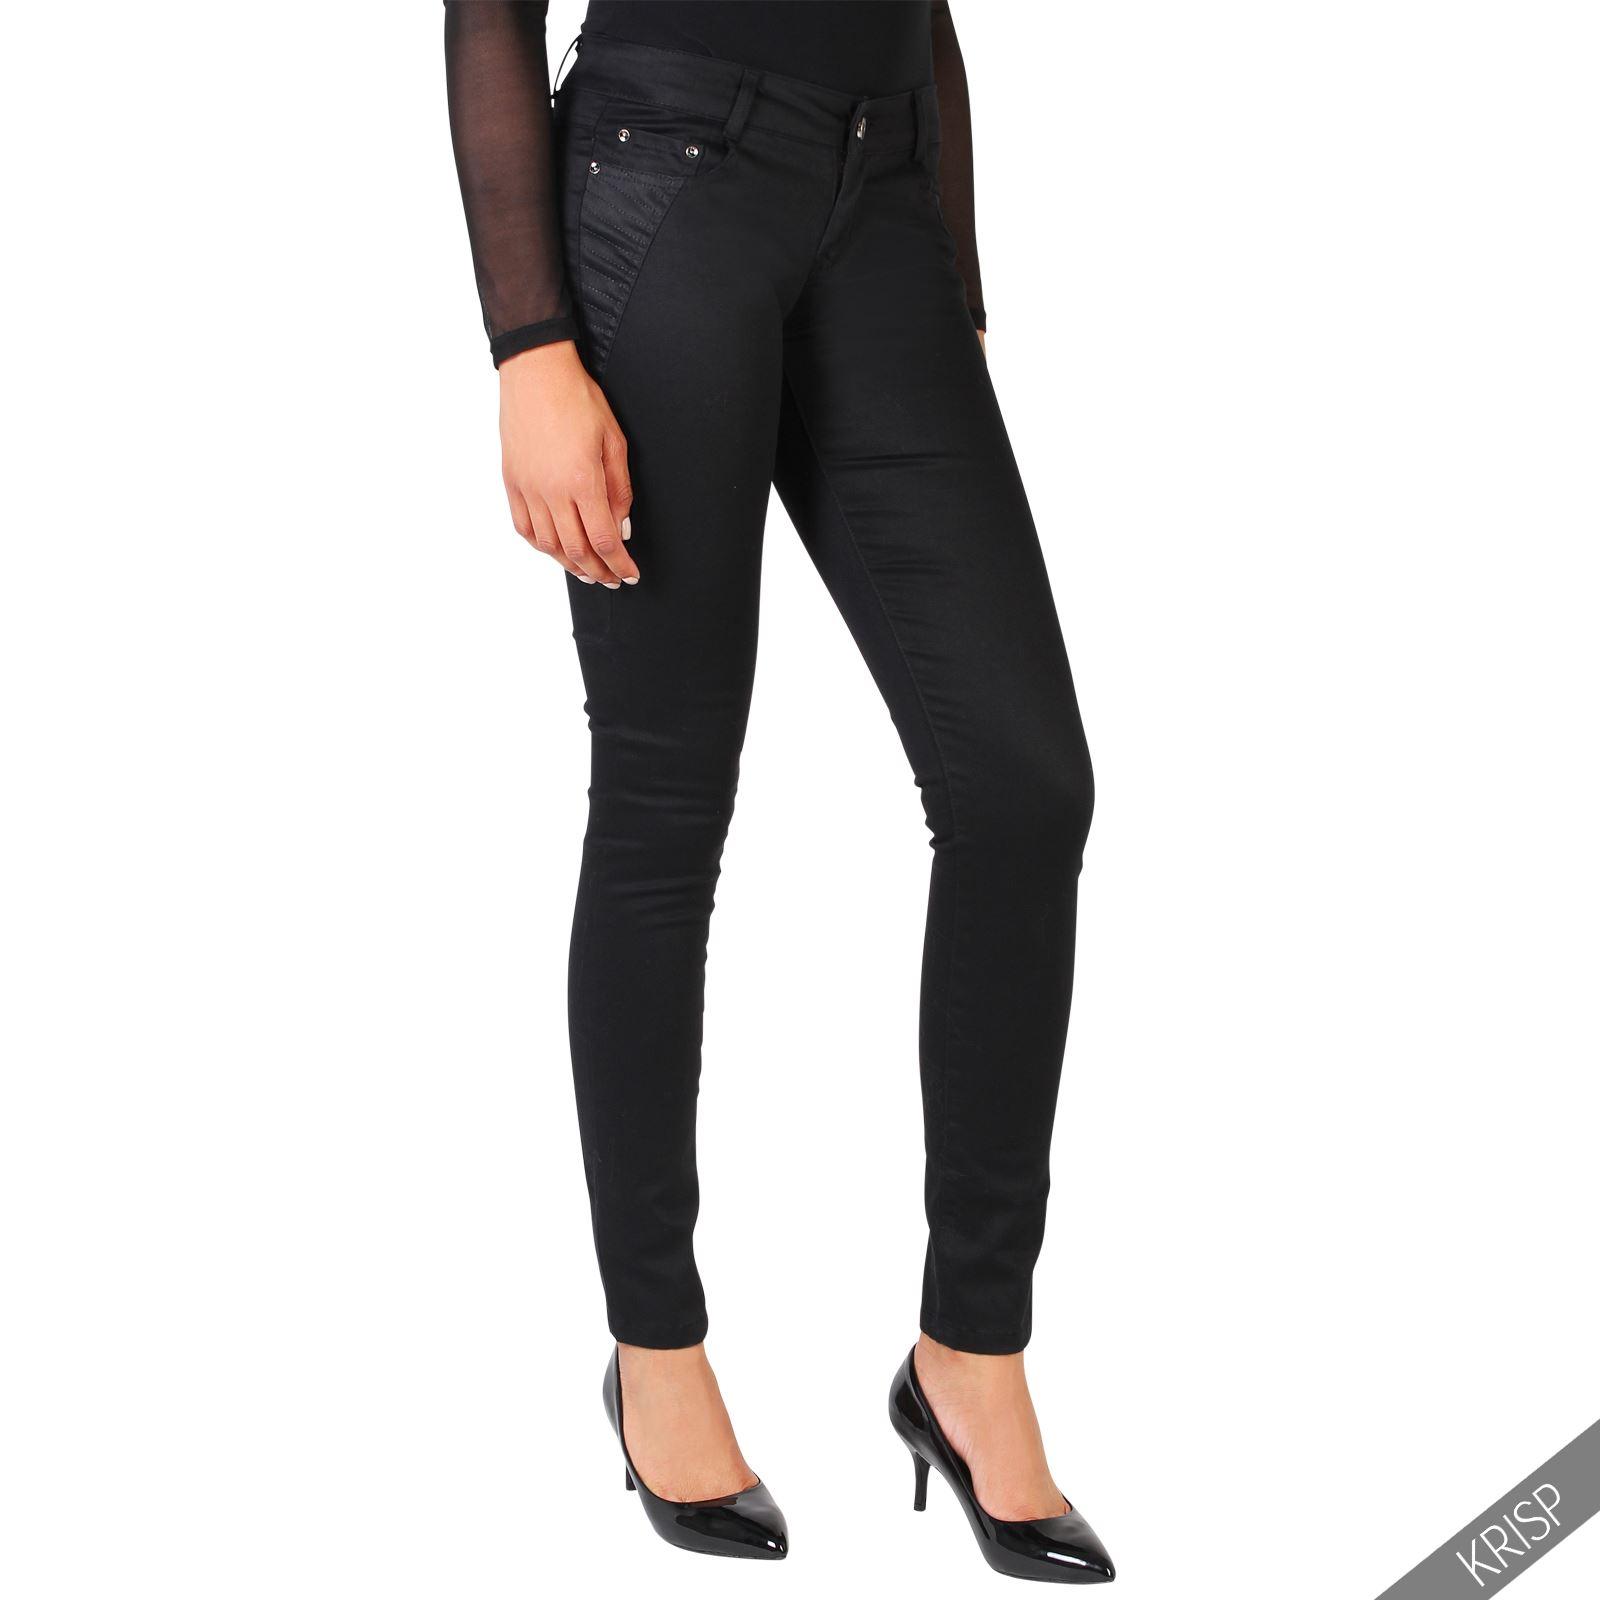 Ankle zip skinny jeans uk